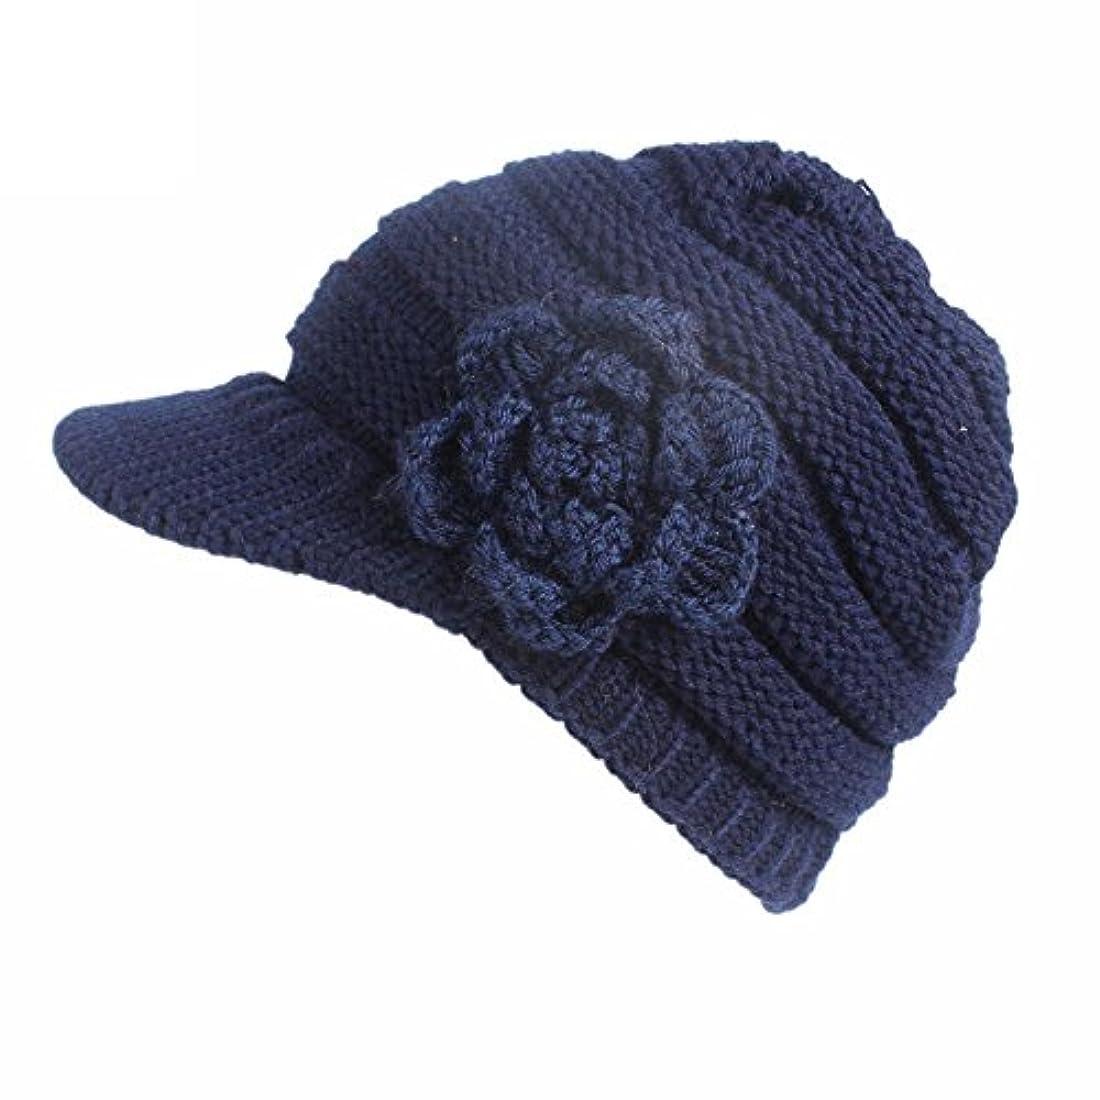 動機バージンレールRacazing 選べる5色 編み物 花 鸭舌帽 ニット帽 防寒対策 通気性のある 防風 暖かい 軽量 屋外 スキー 自転車 クリスマス Hat 女性用 (ネービー)